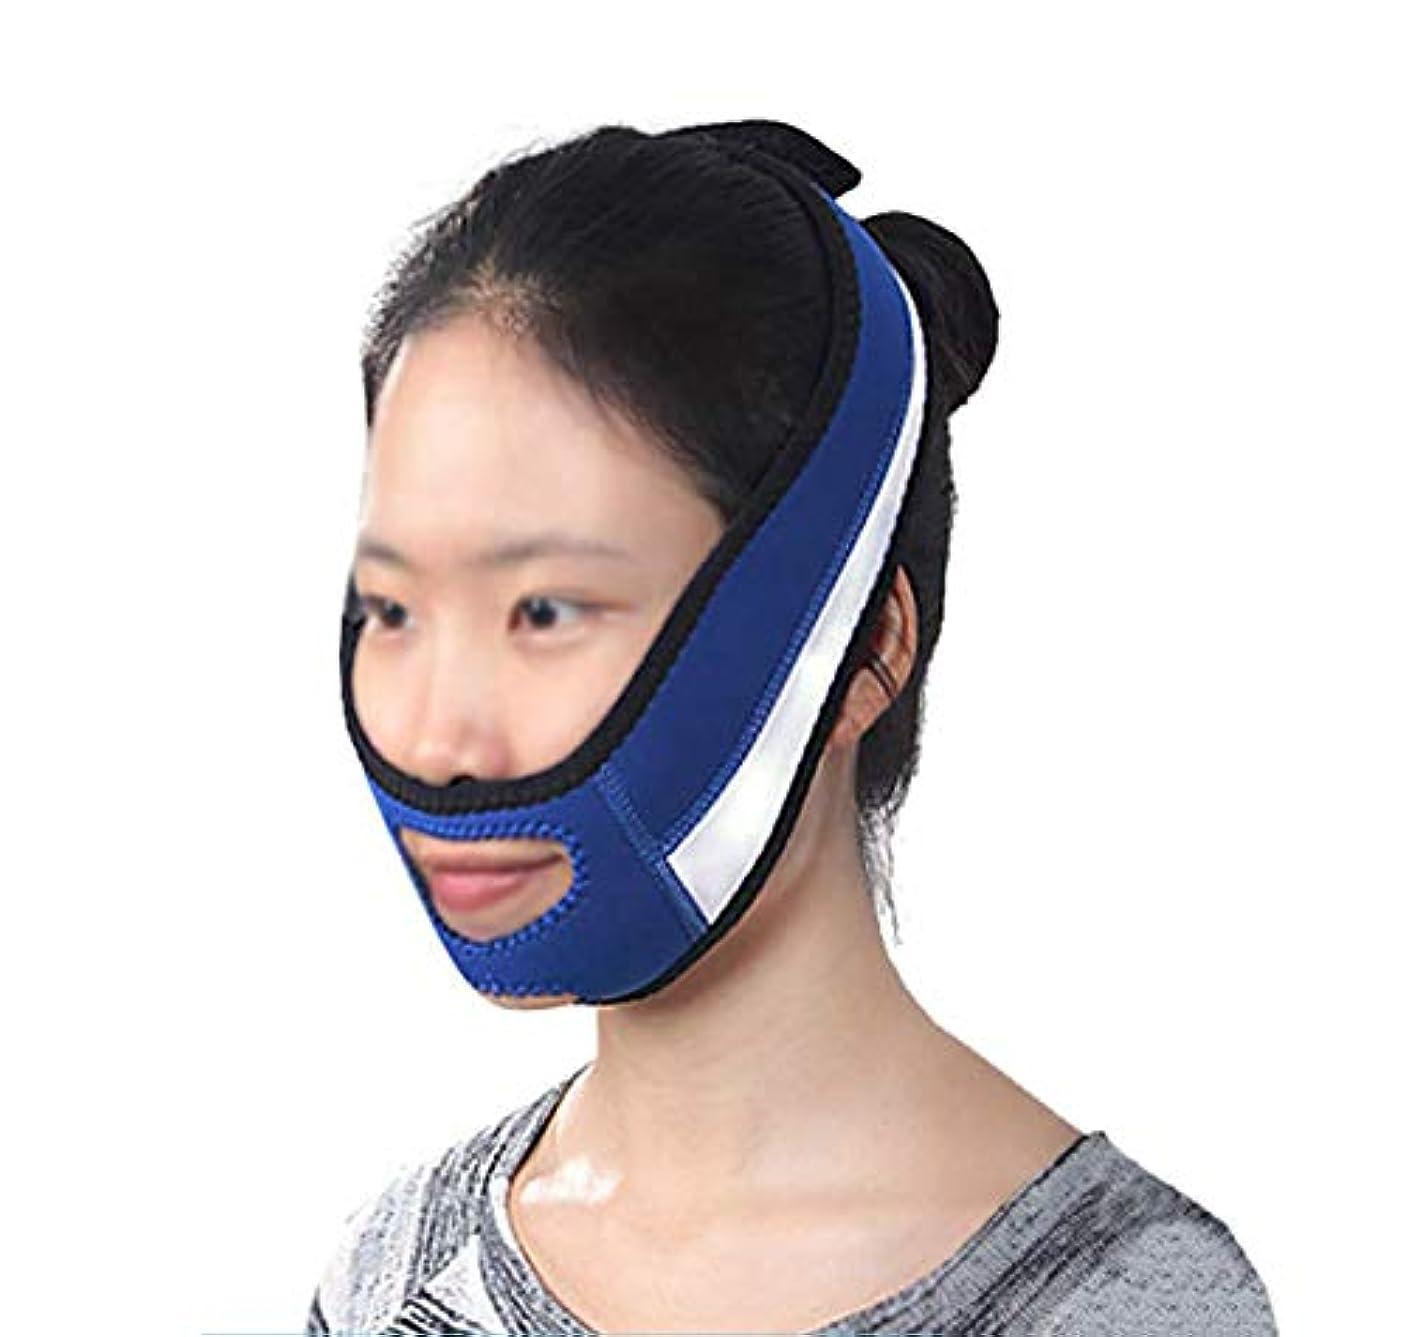 ドロー浸す遅れ薄い顔包帯フェイススリム二重あごを取り除きますVラインフェイスシェイプを作成チンチークリフトアップアンチリンクルリフティングベルトフェイスマッサージツール女性と女の子